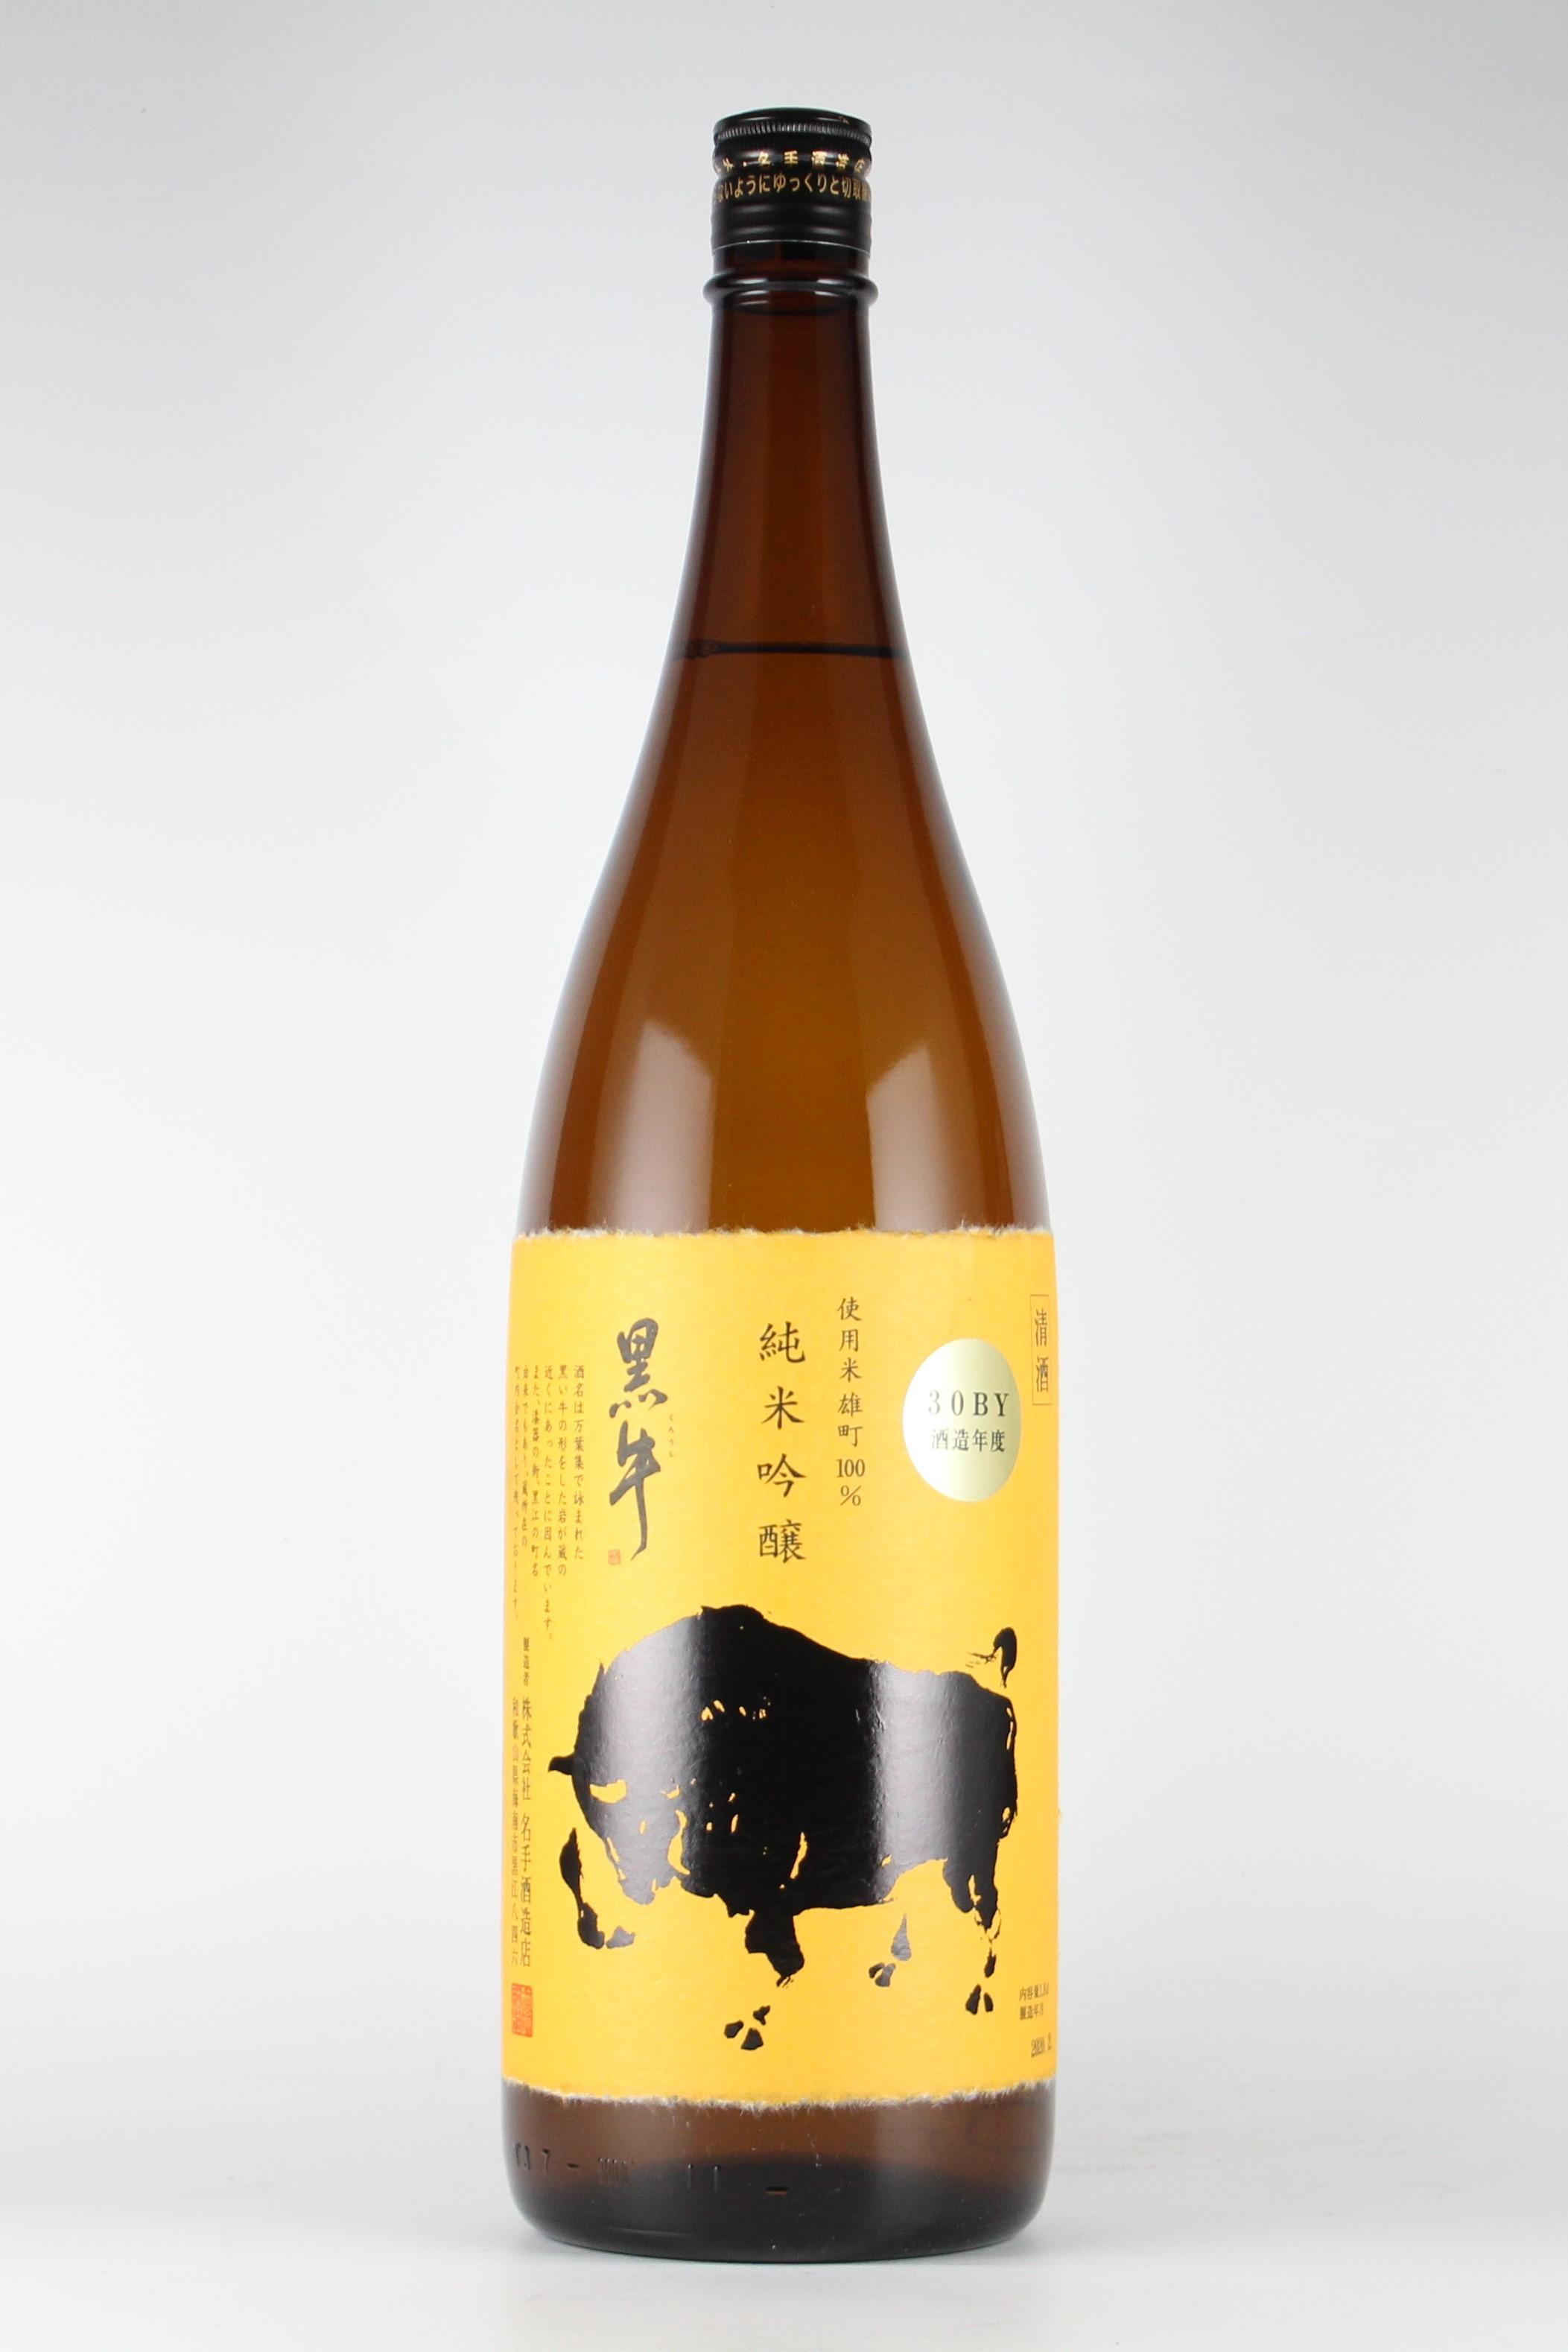 黒牛 純米吟醸 雄町 瓶燗急冷 1800ml 【和歌山/名手酒造店】2019(令和1)醸造年度